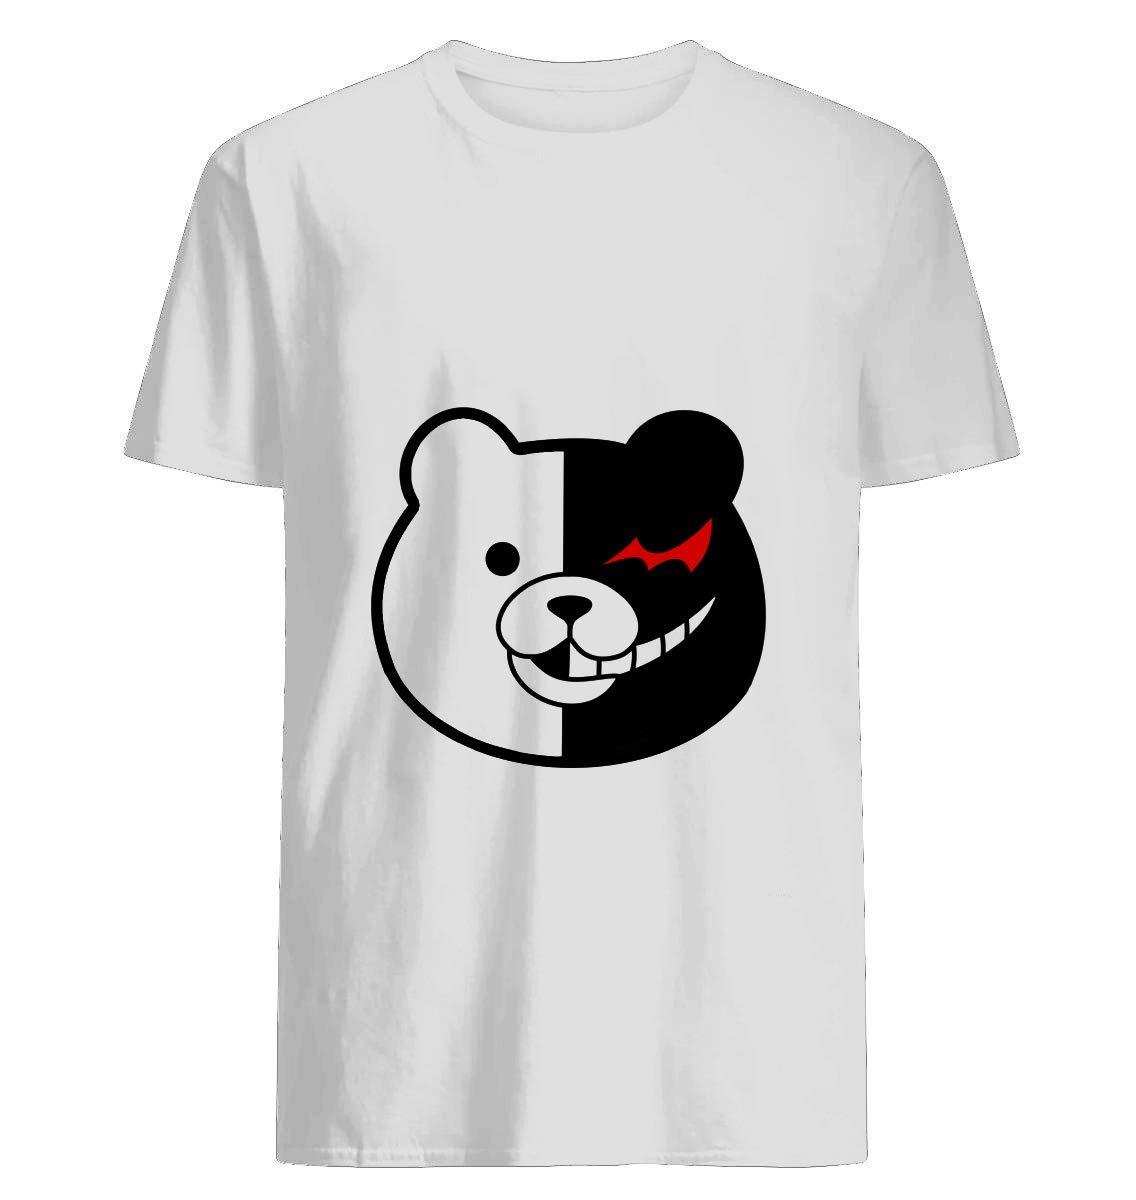 Danganronpa Monokuma Shirts